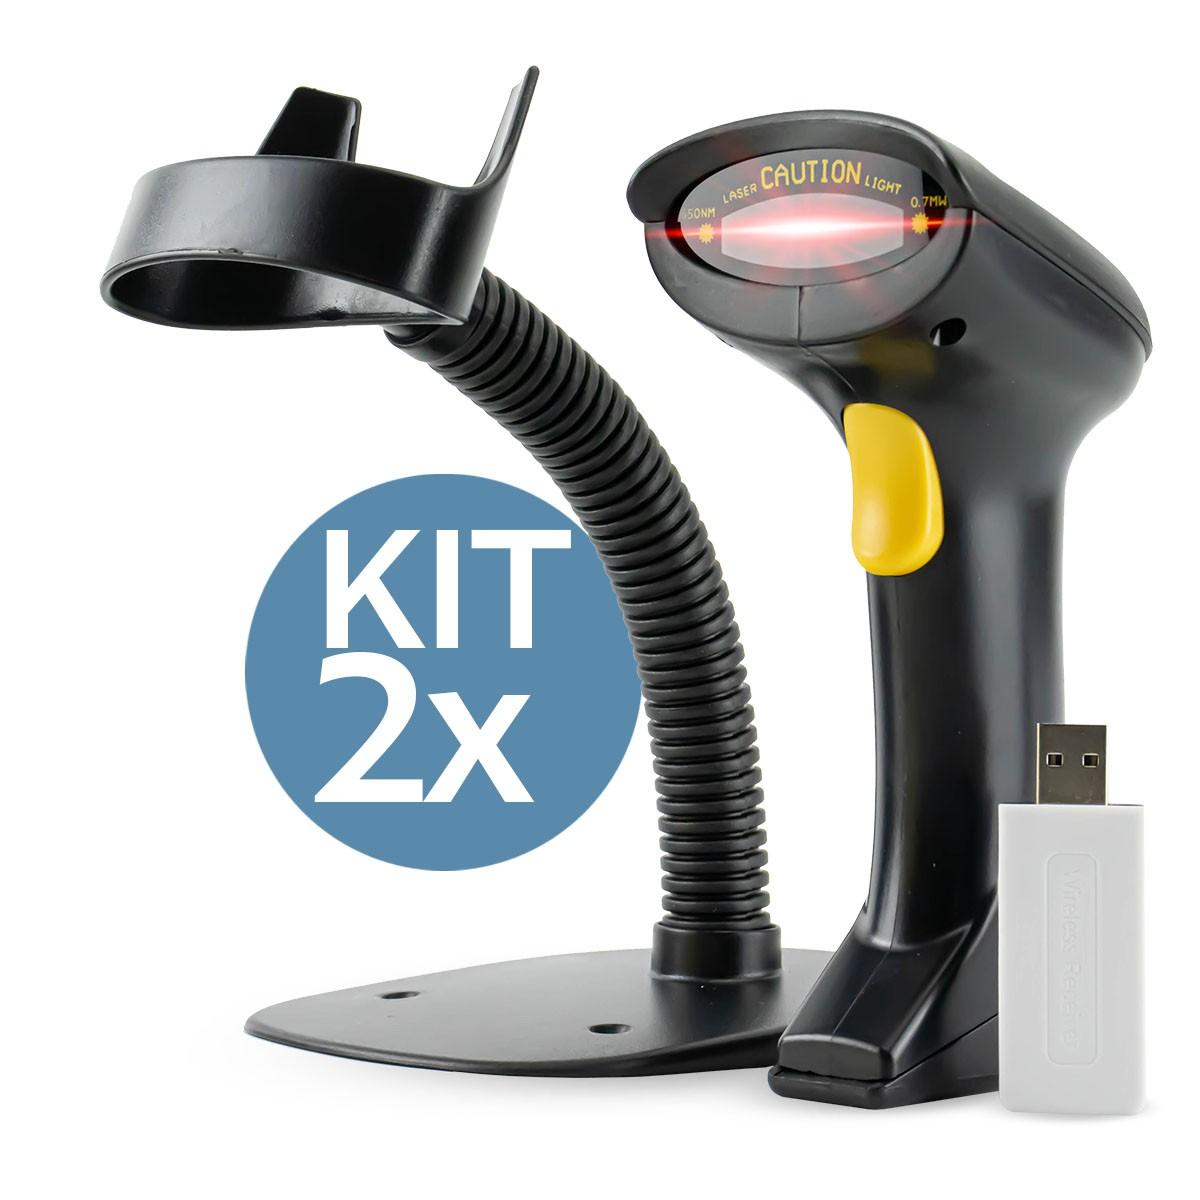 KIT 2x Leitor de Código de Barras Sem Fio com Base de Suporte B-Max LM-800